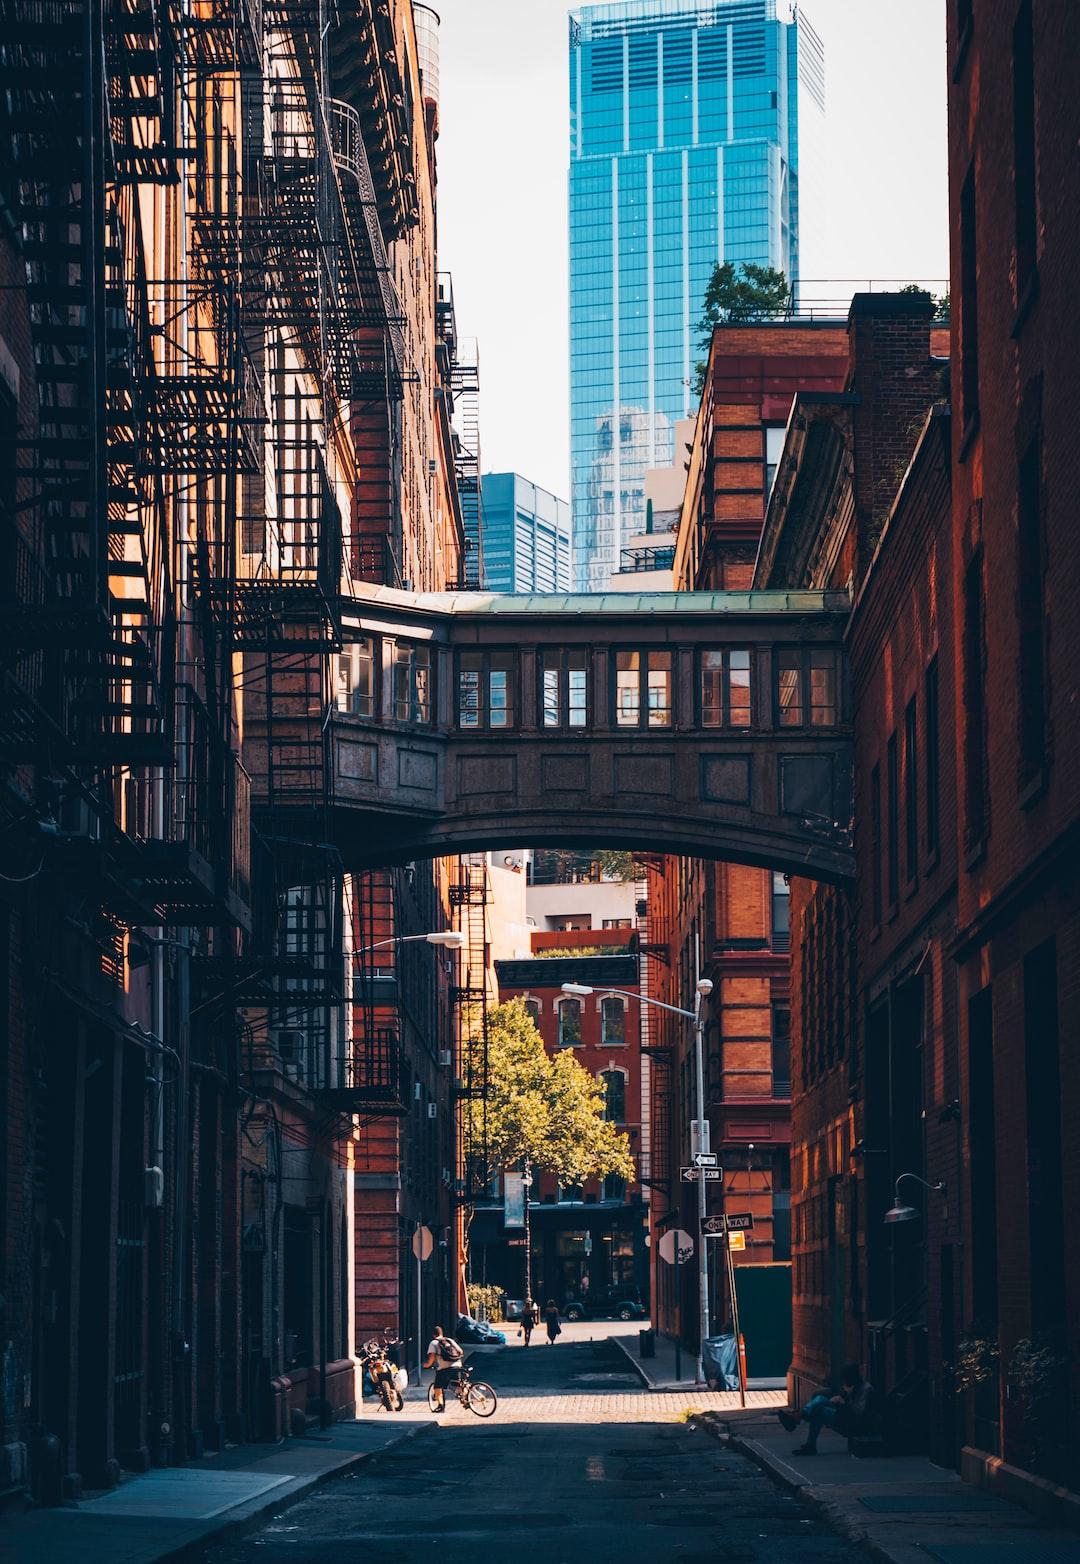 A classic New York City gem.